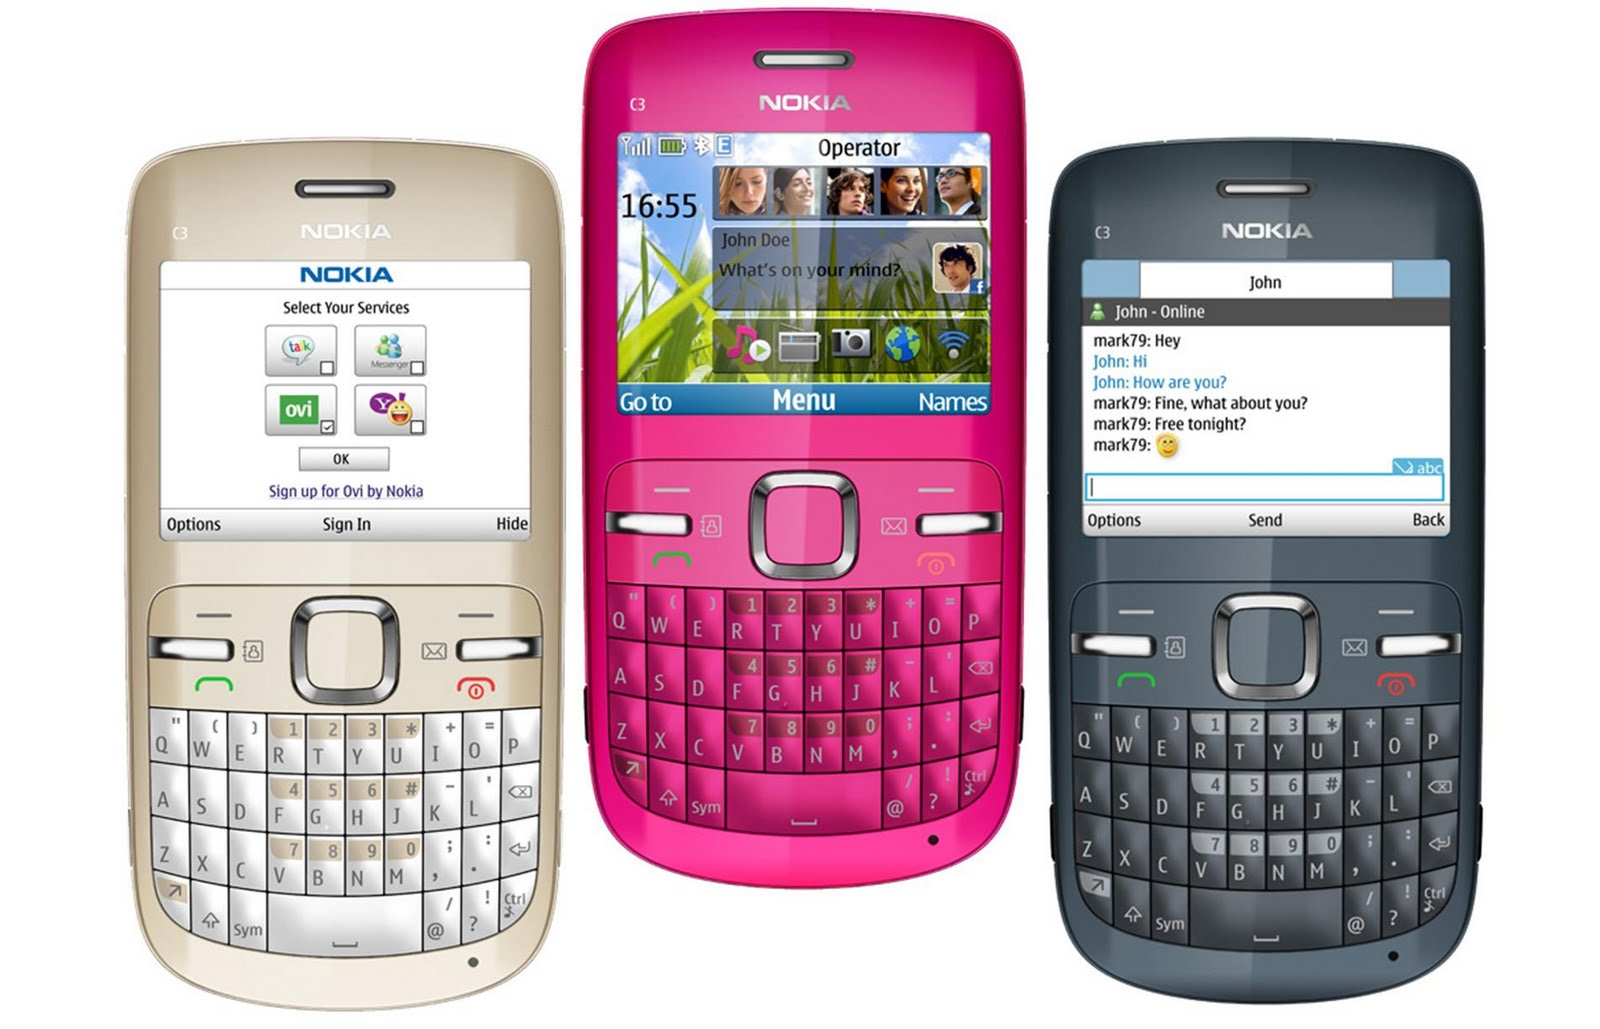 Nokia C3 Antivirus Free Download - Free Software Download